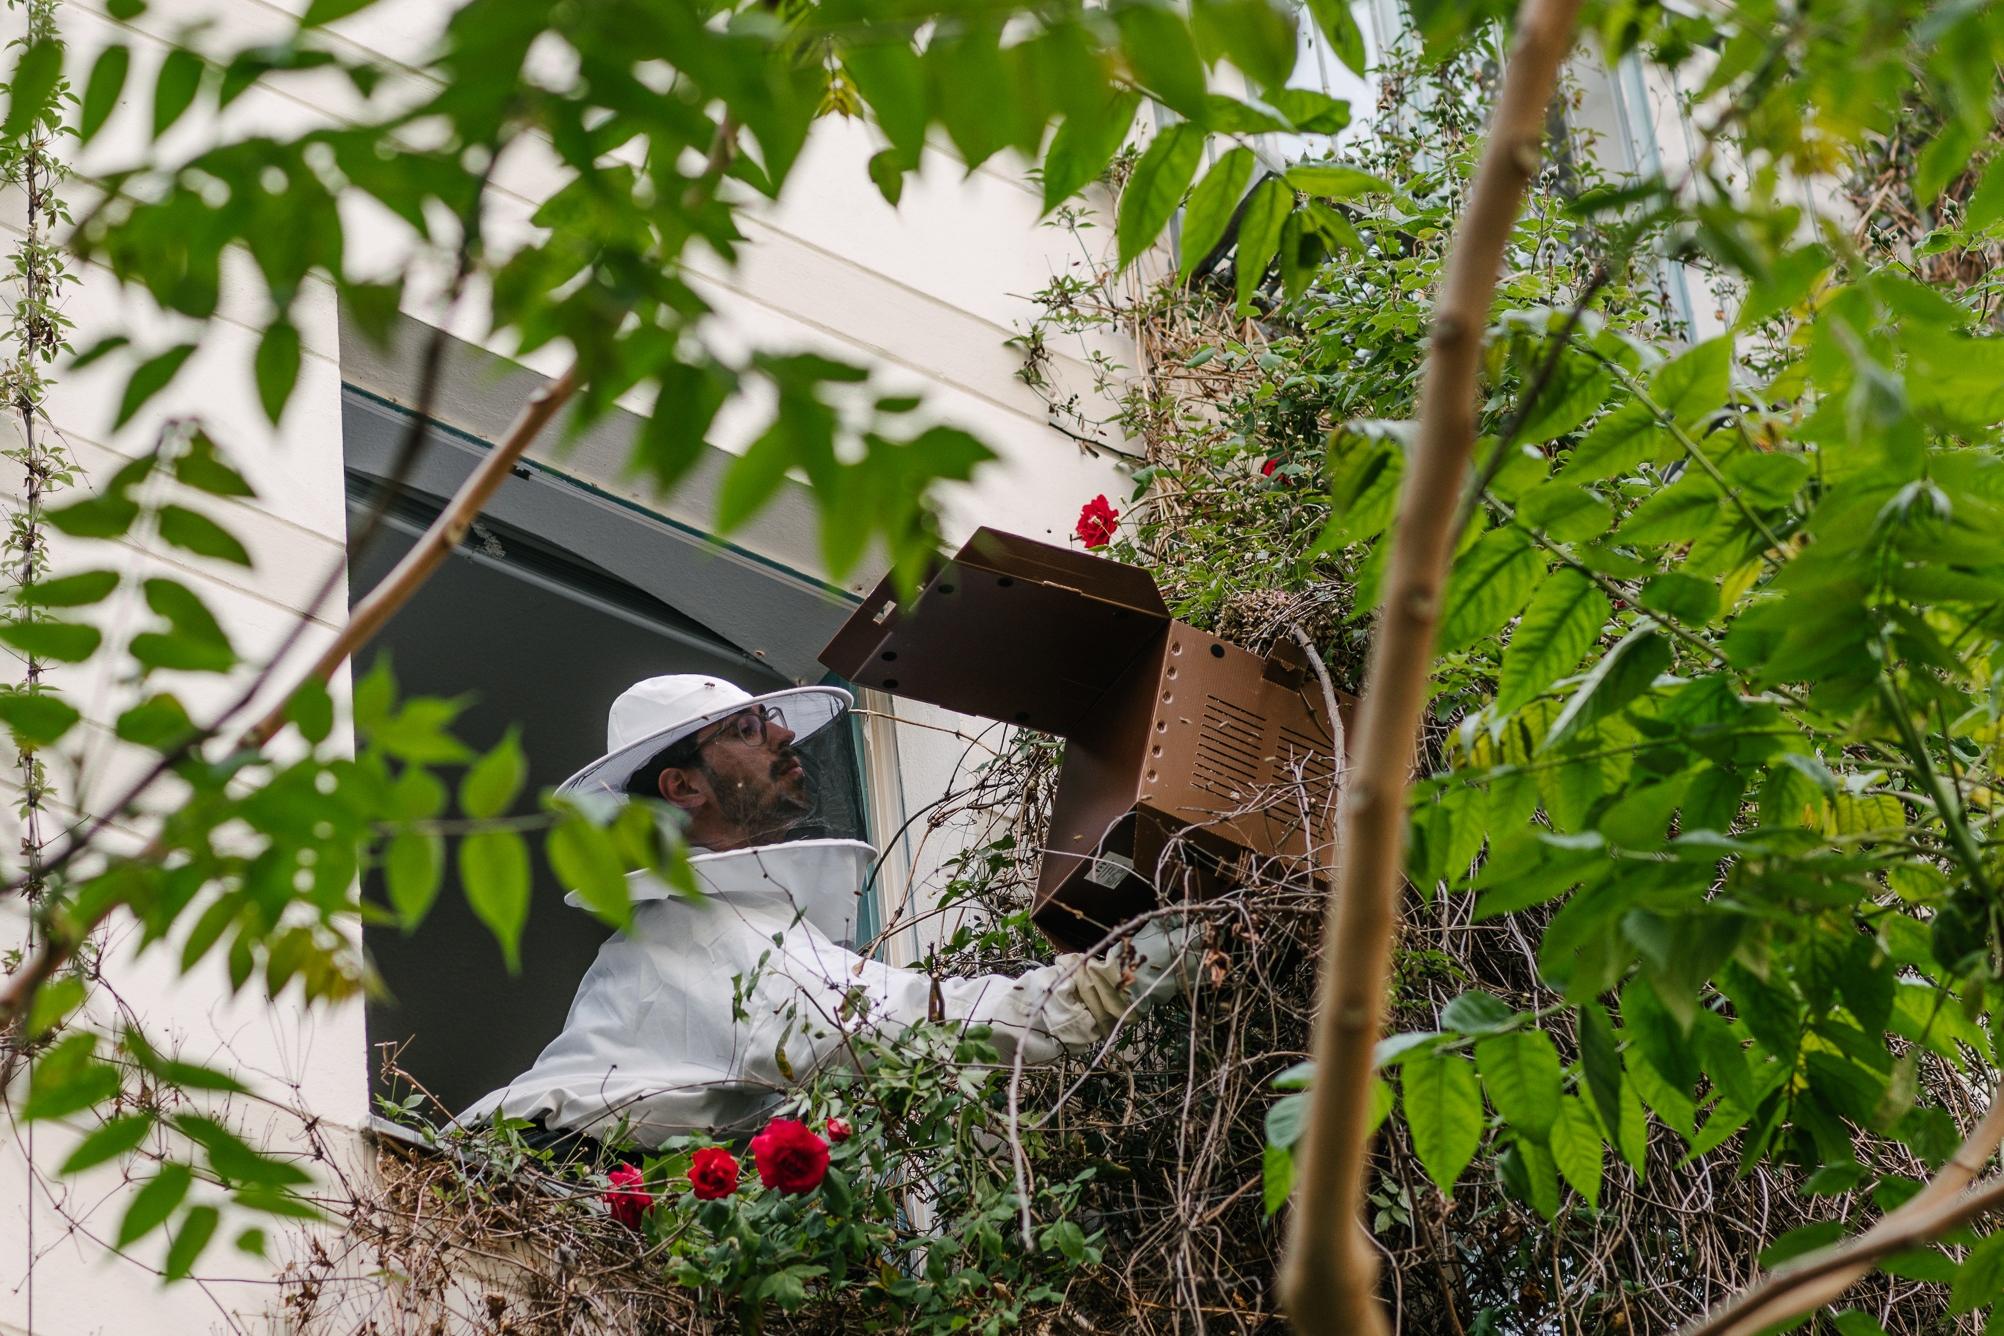 Bienenschwarm einfangen vom Fenster